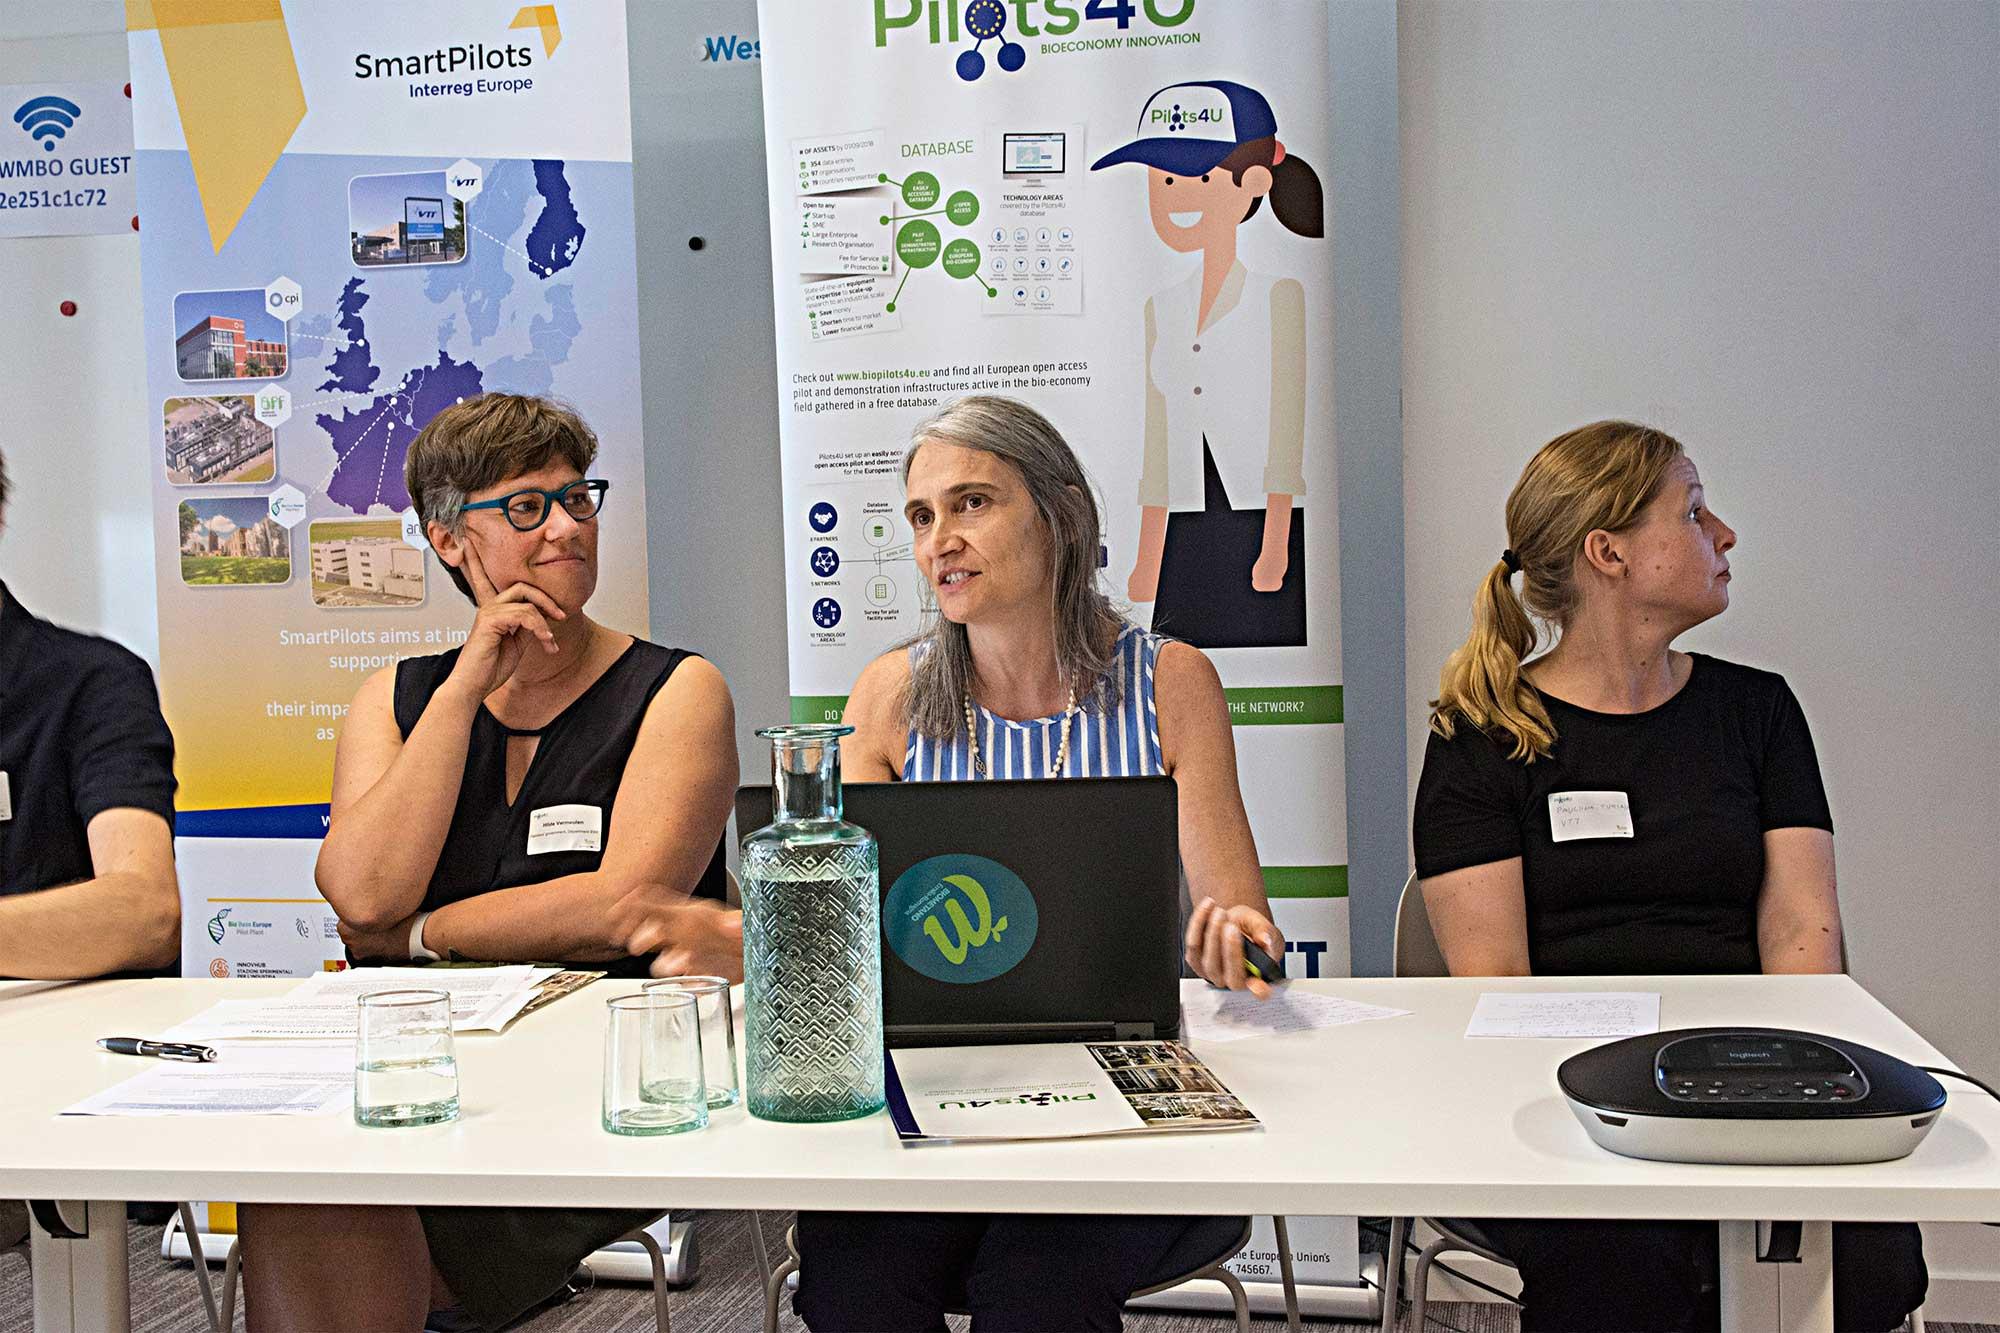 Hilde Vermeulen, Daniela Sani and Pauliina Tukiainen